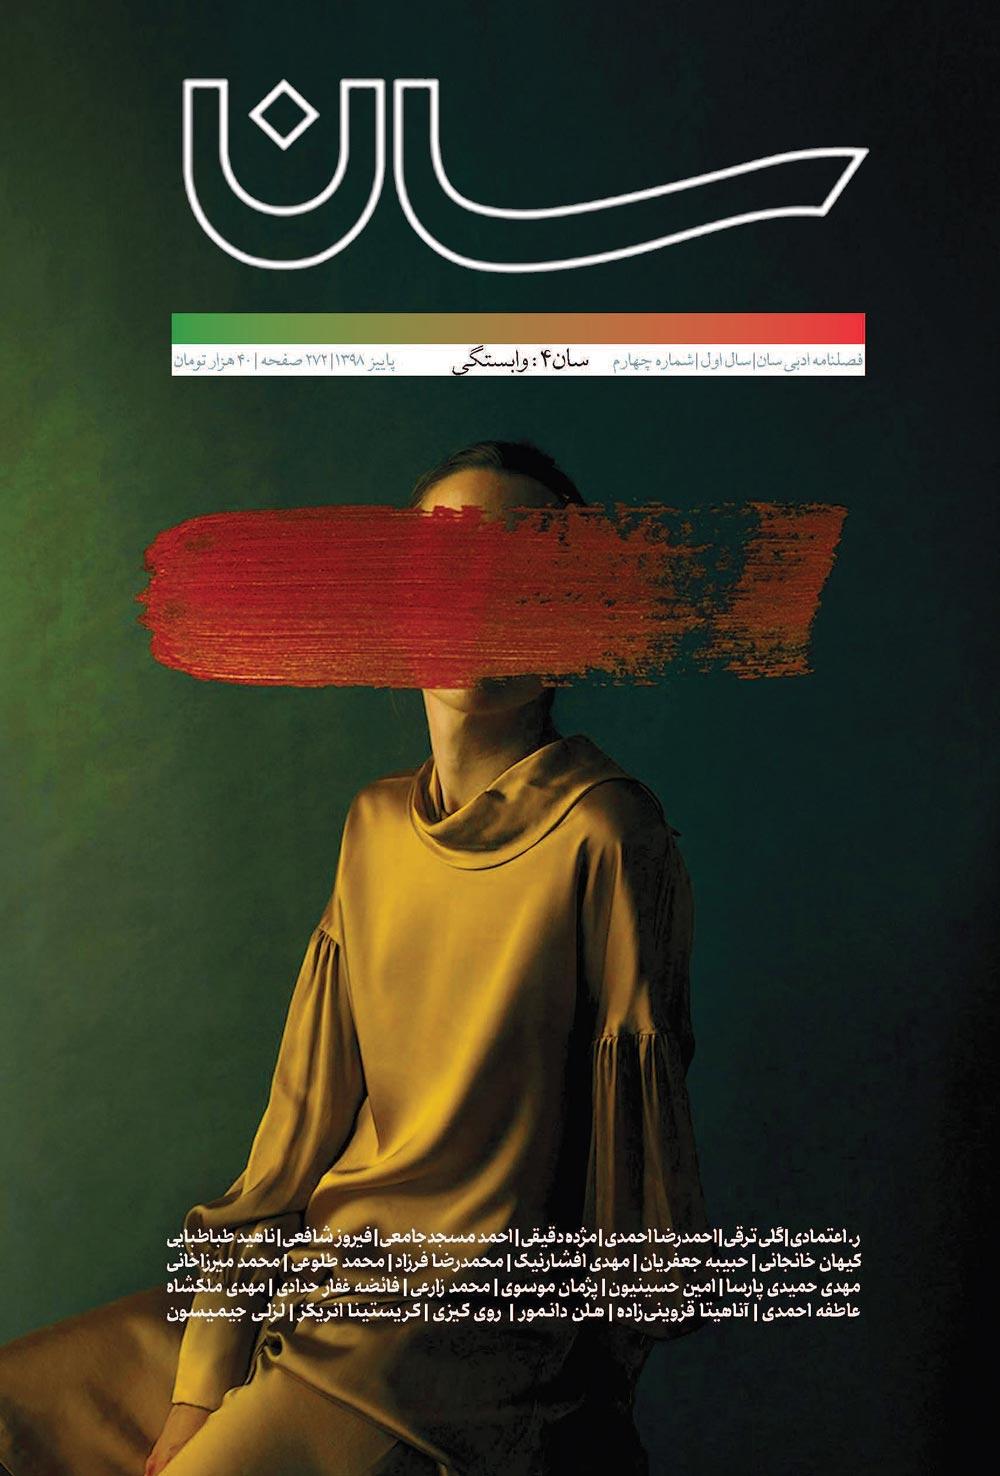 تصویر روی جلد فصلنامه سان- وابستگی شماره 4